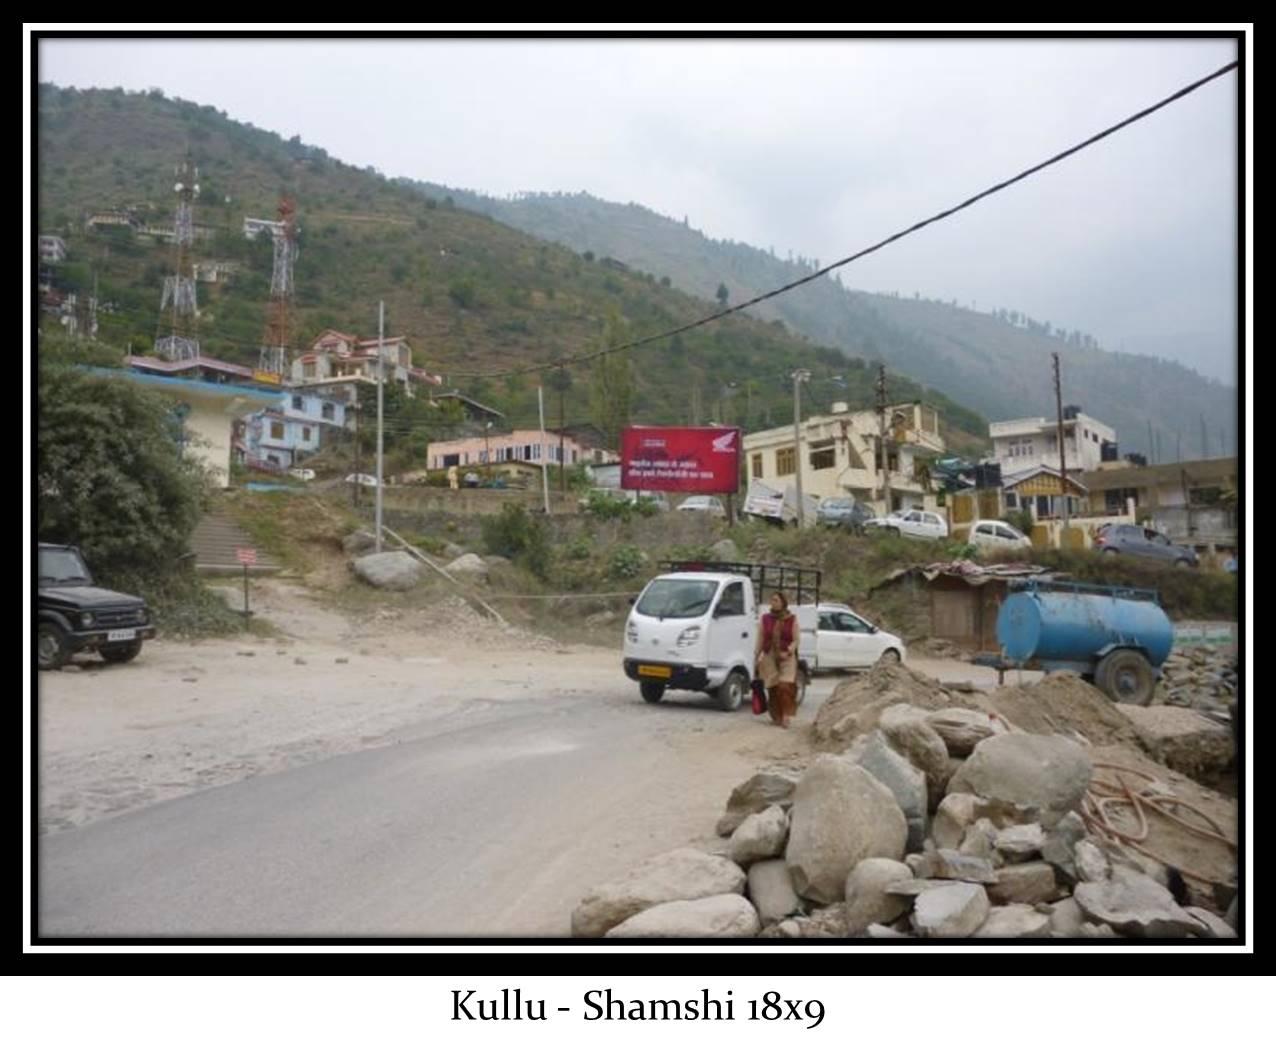 Shamshi, Kullu